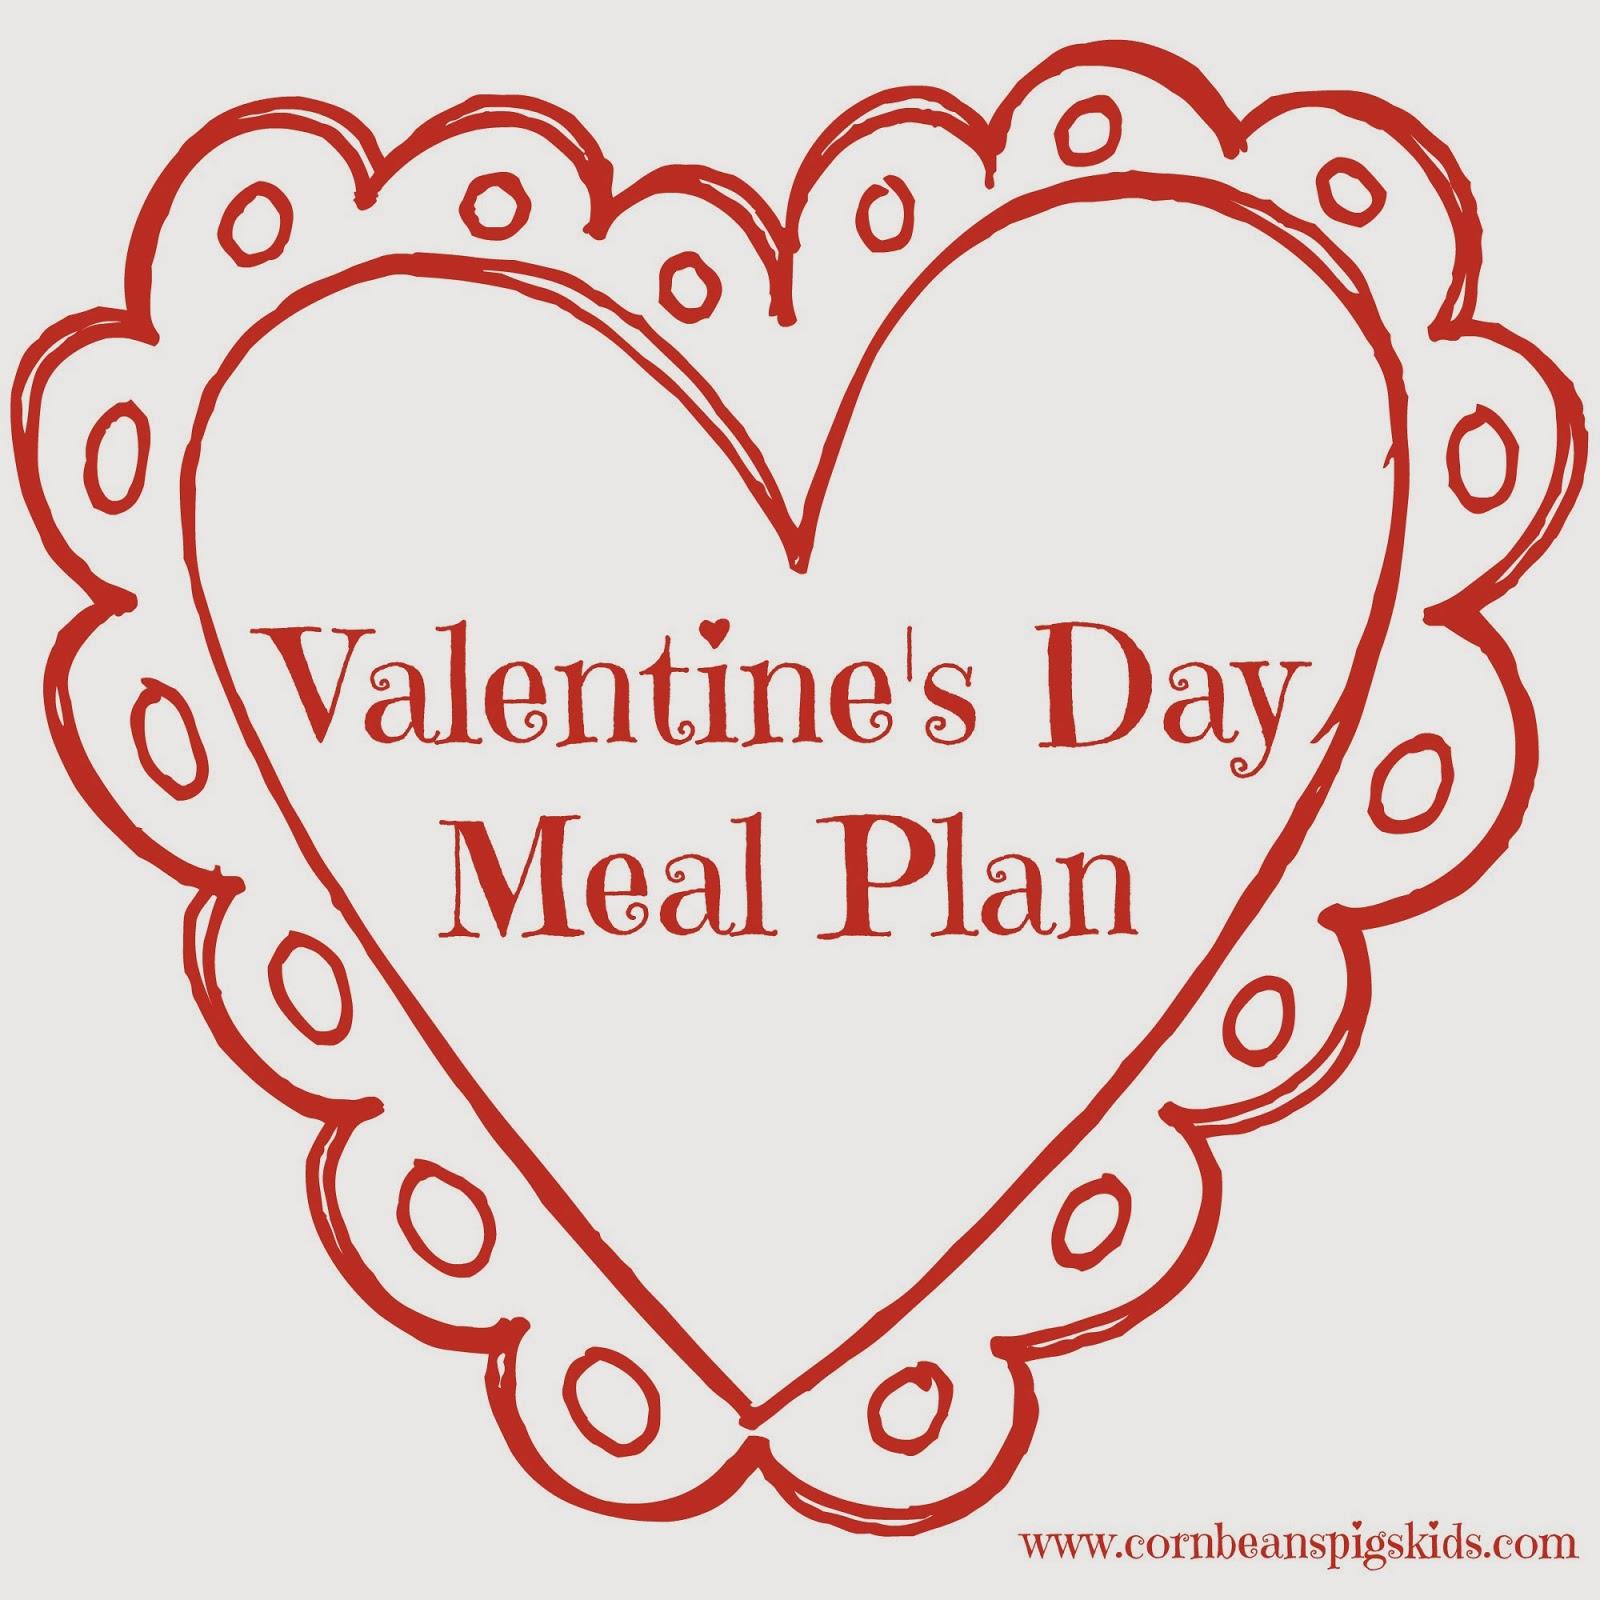 Valentine's Day Menu Plan